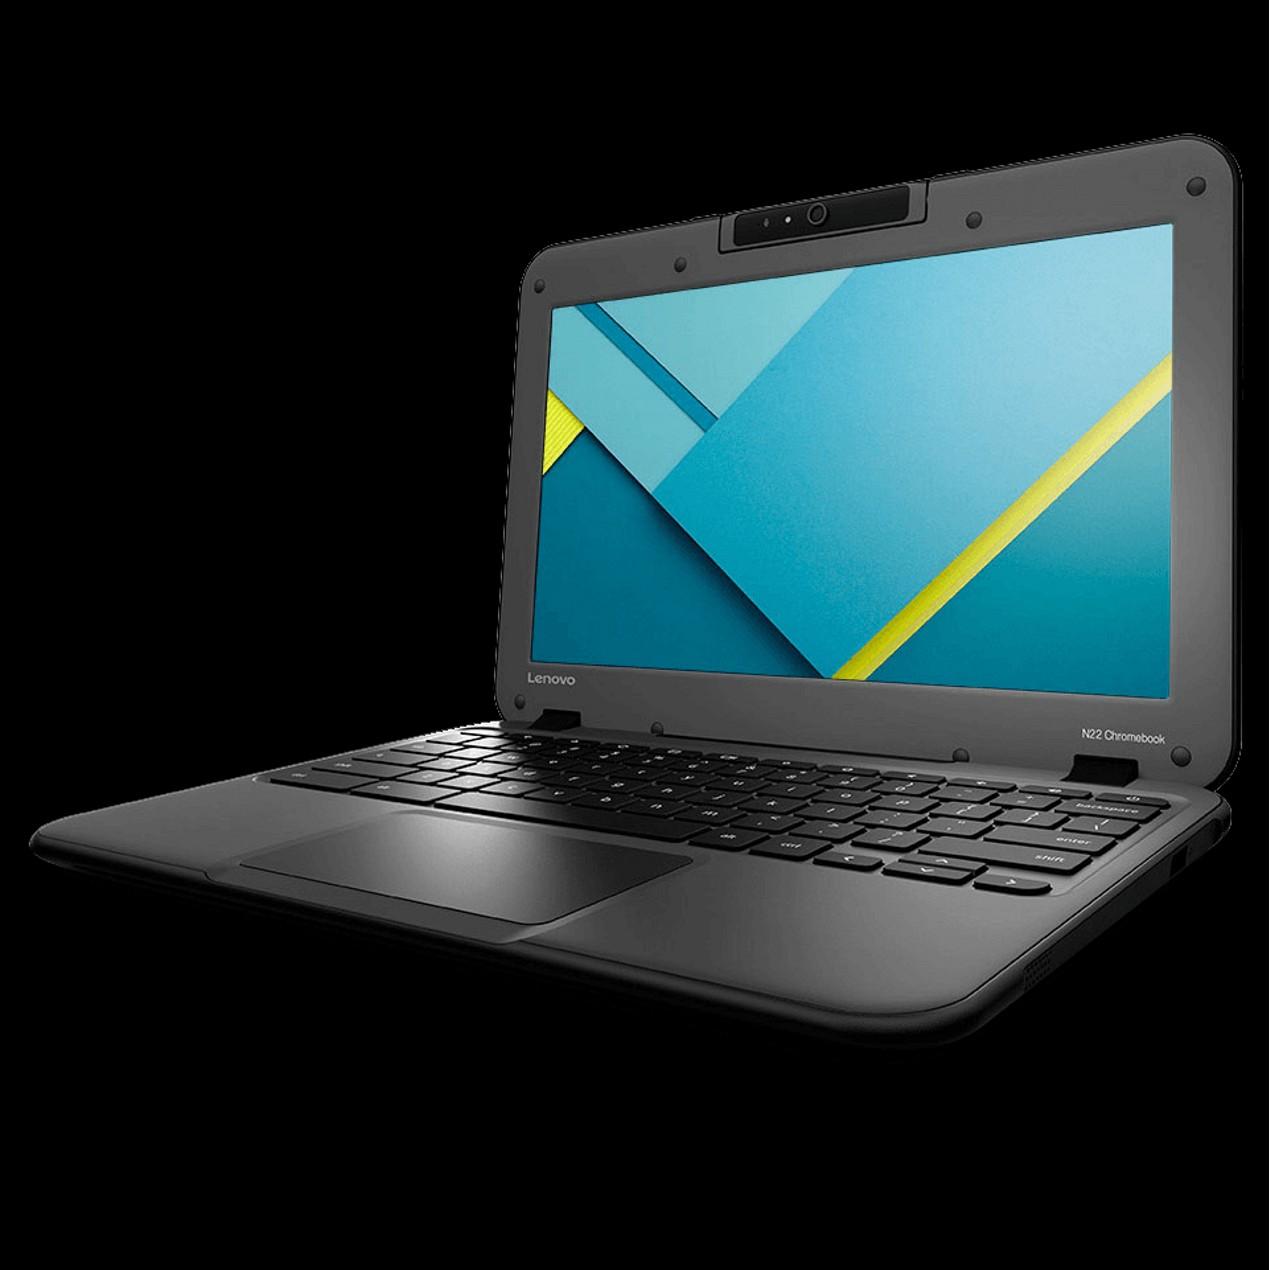 Lenovo N22 11 6